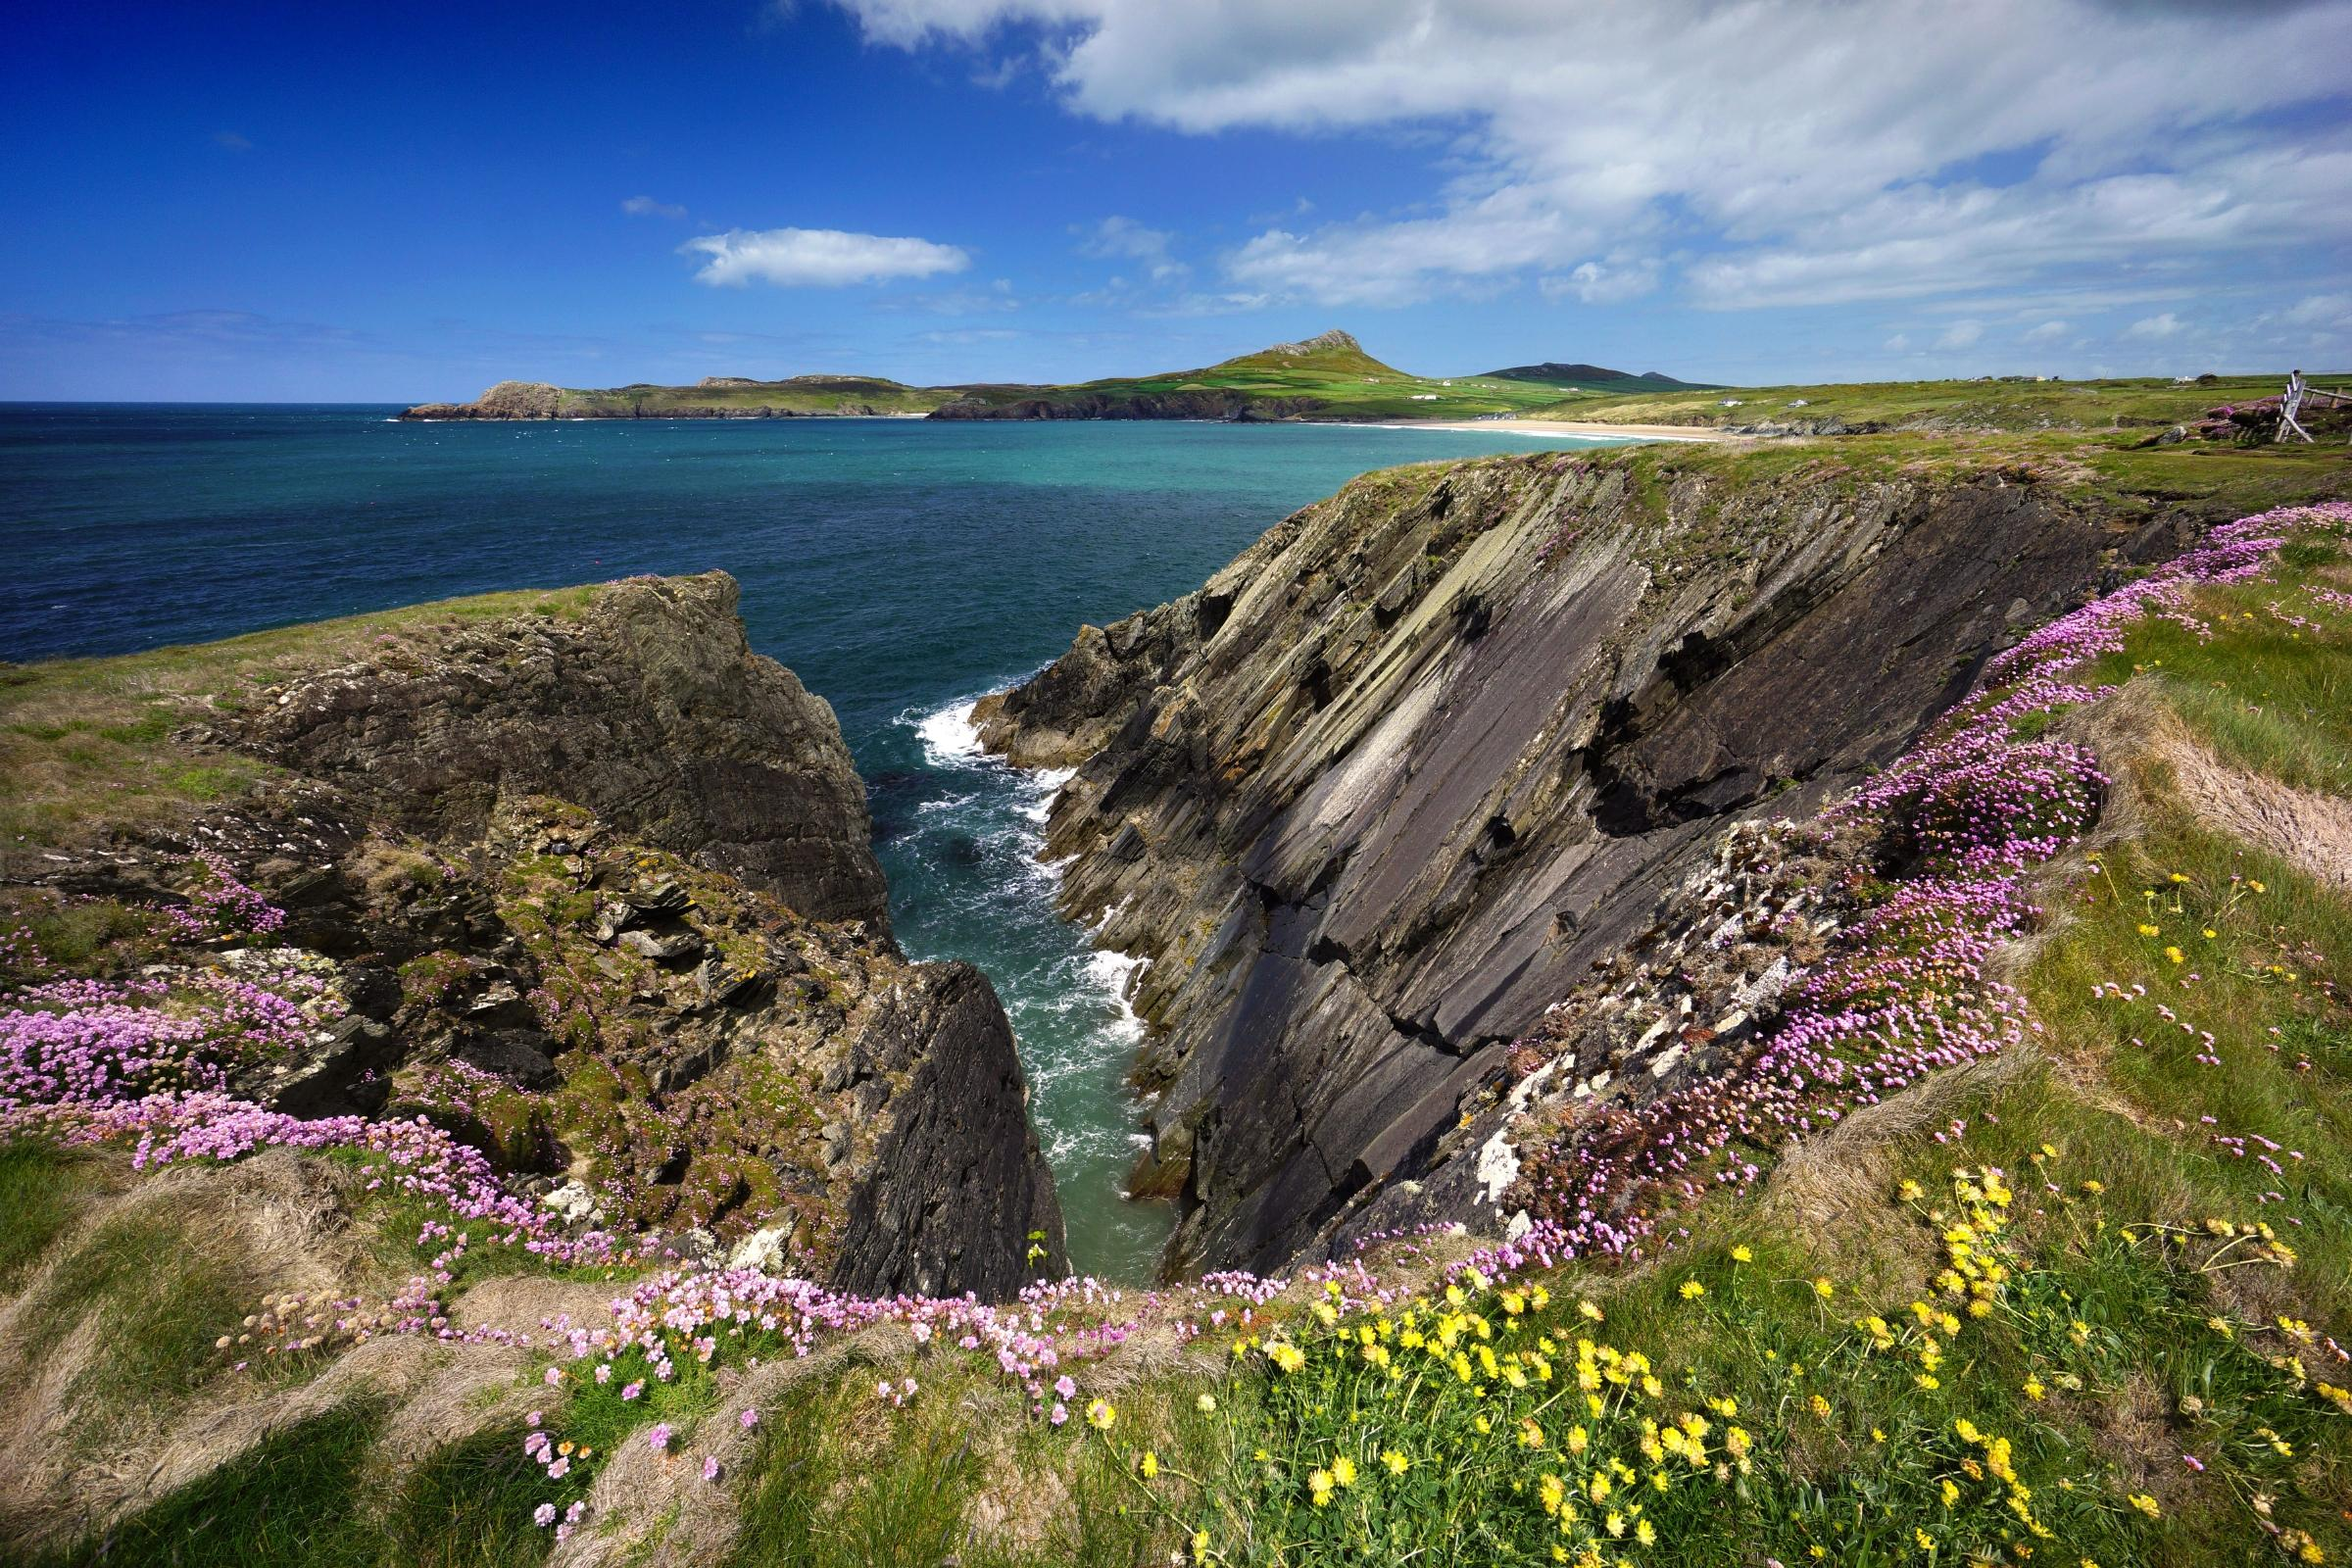 Pembrokeshire Coast National Park